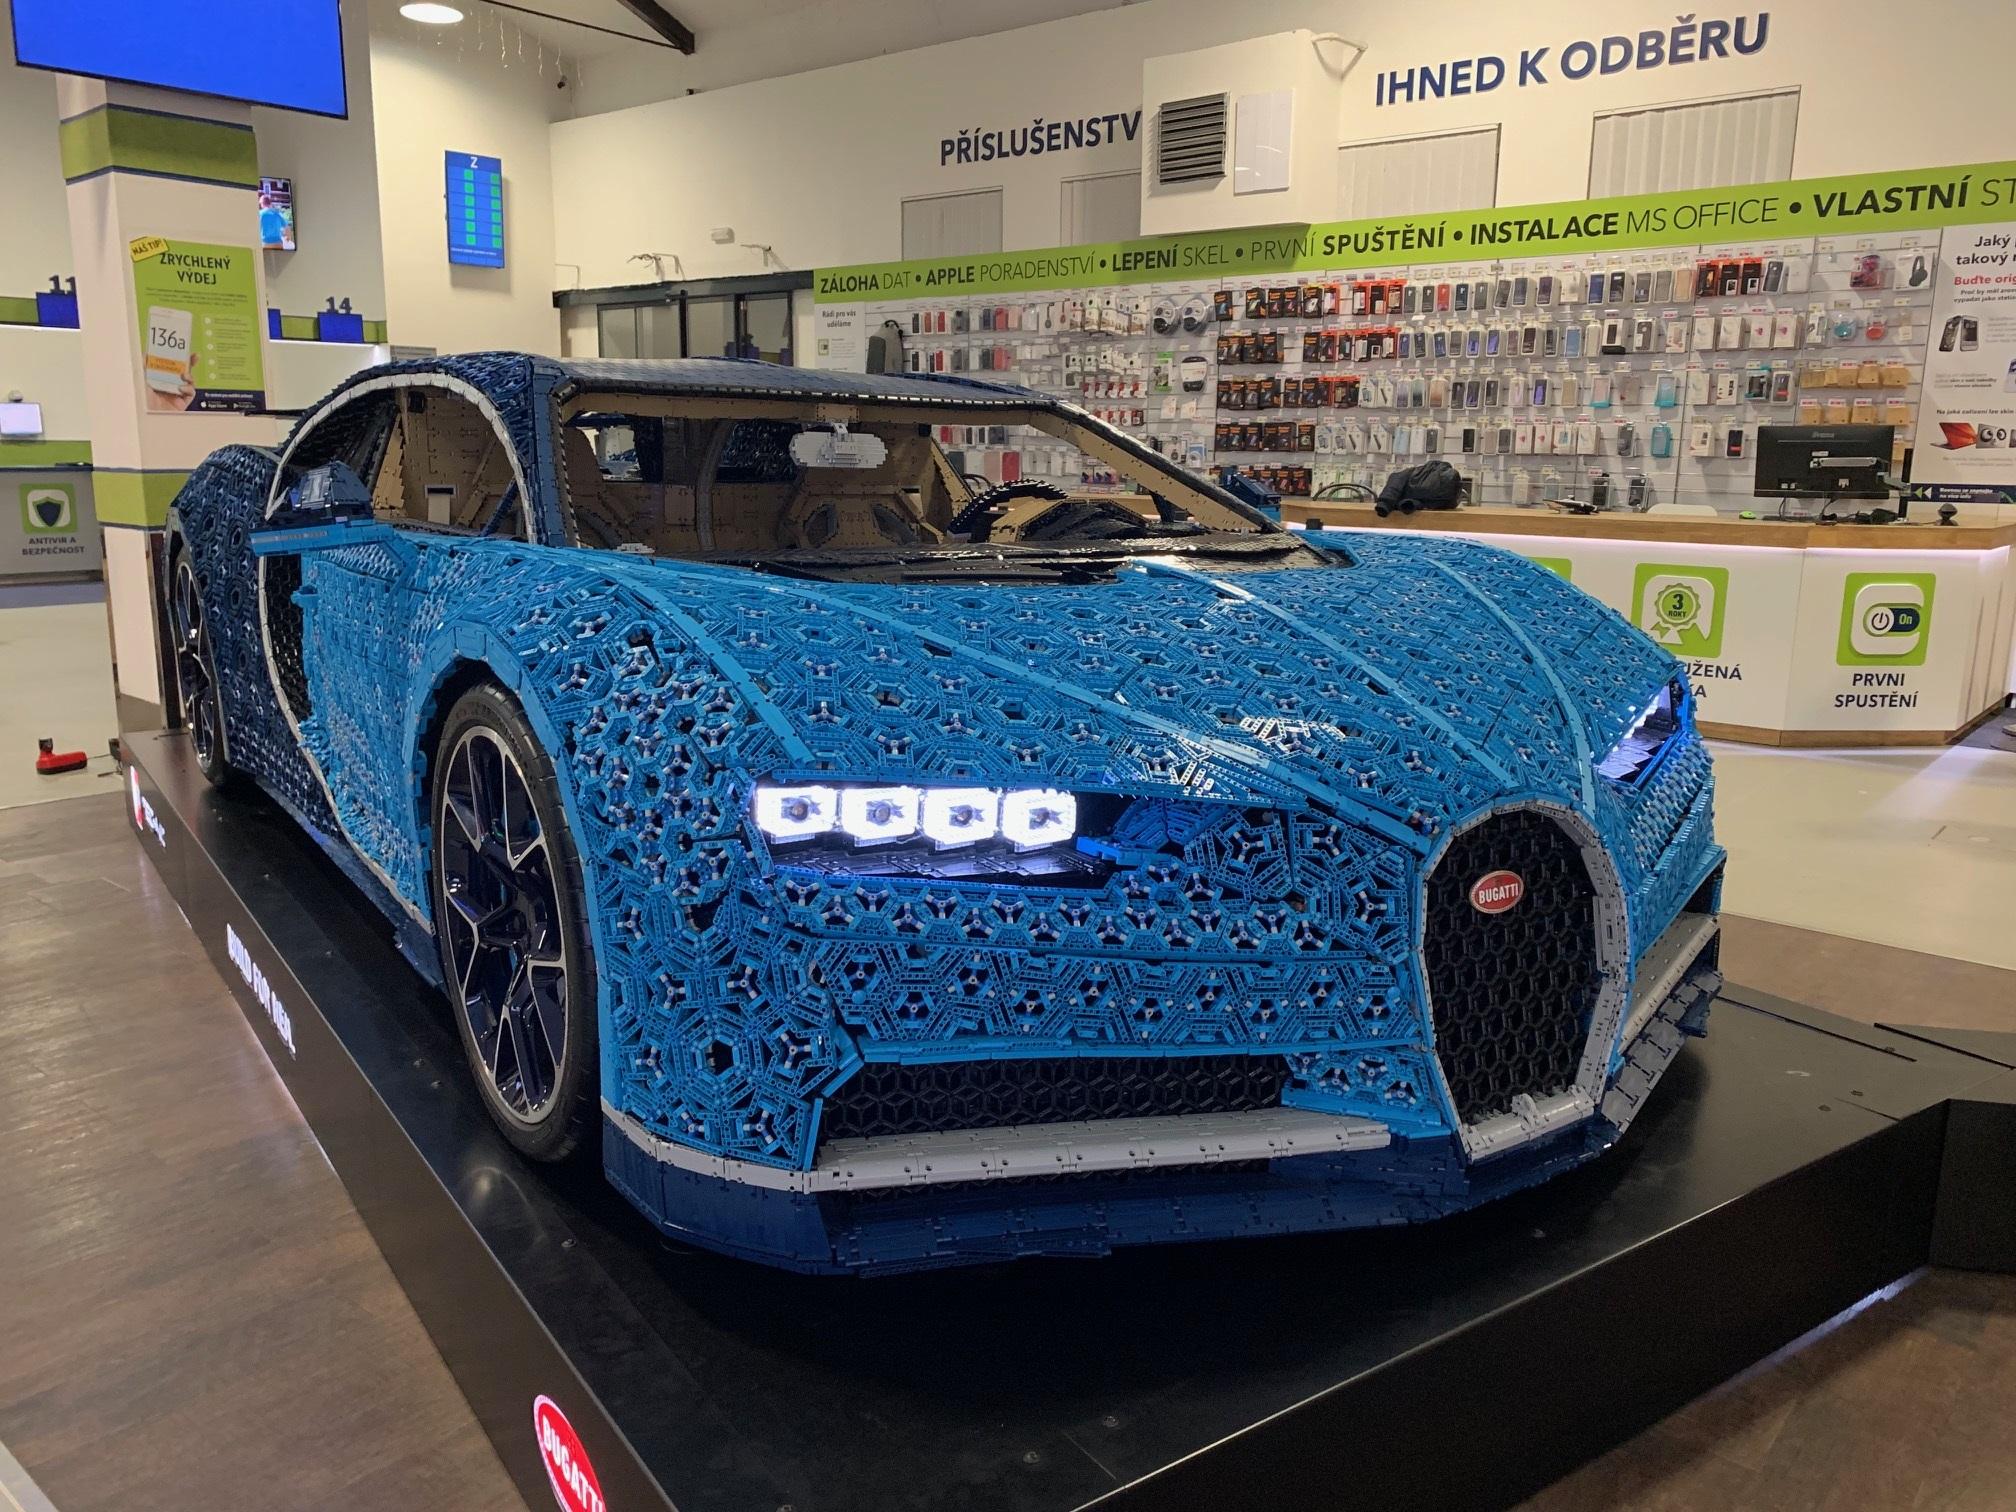 Bugatti Chiron stojí téměř 8 tisíc Kč a otevřelo trh Lego dospělým, foto: MediaGuru.